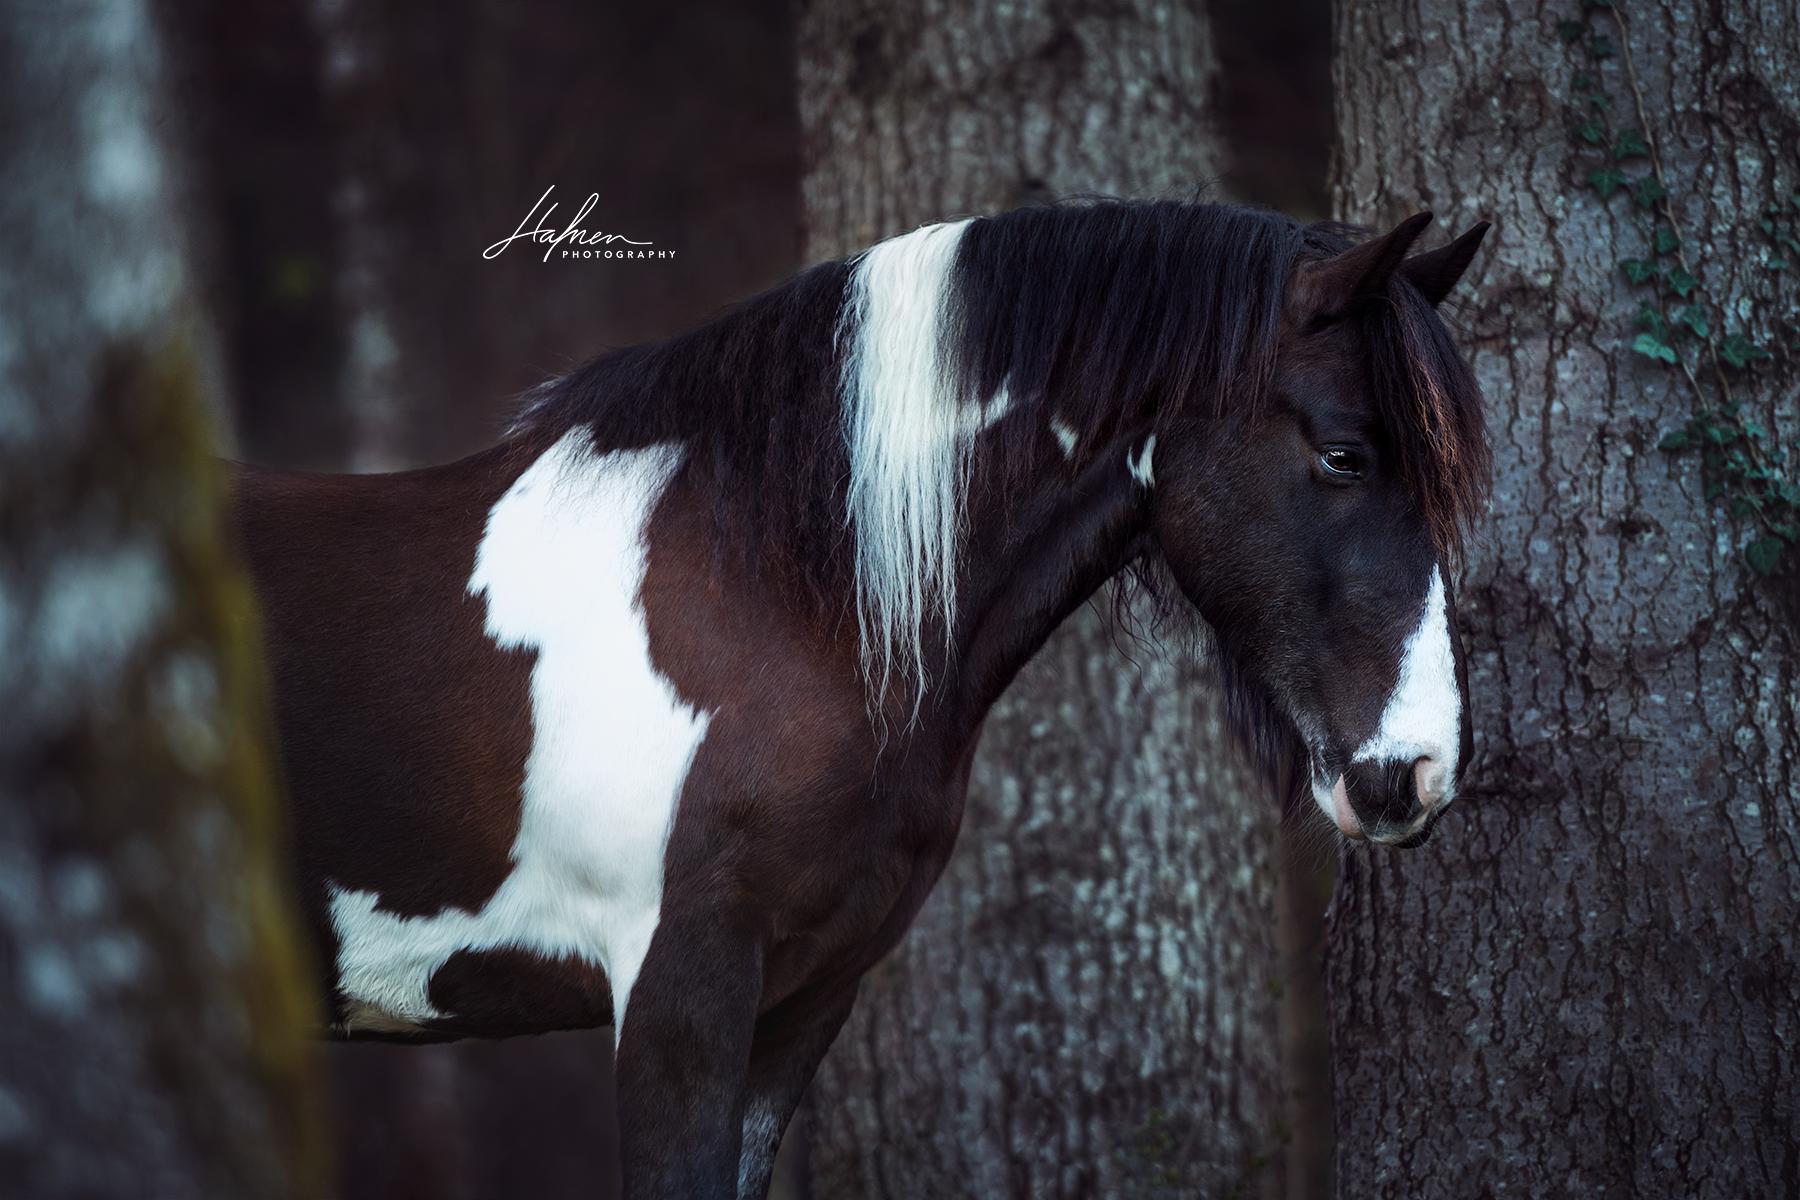 Hunde- und Pferdefotografie – Kreativ und Zeitlos | Hafner Photography